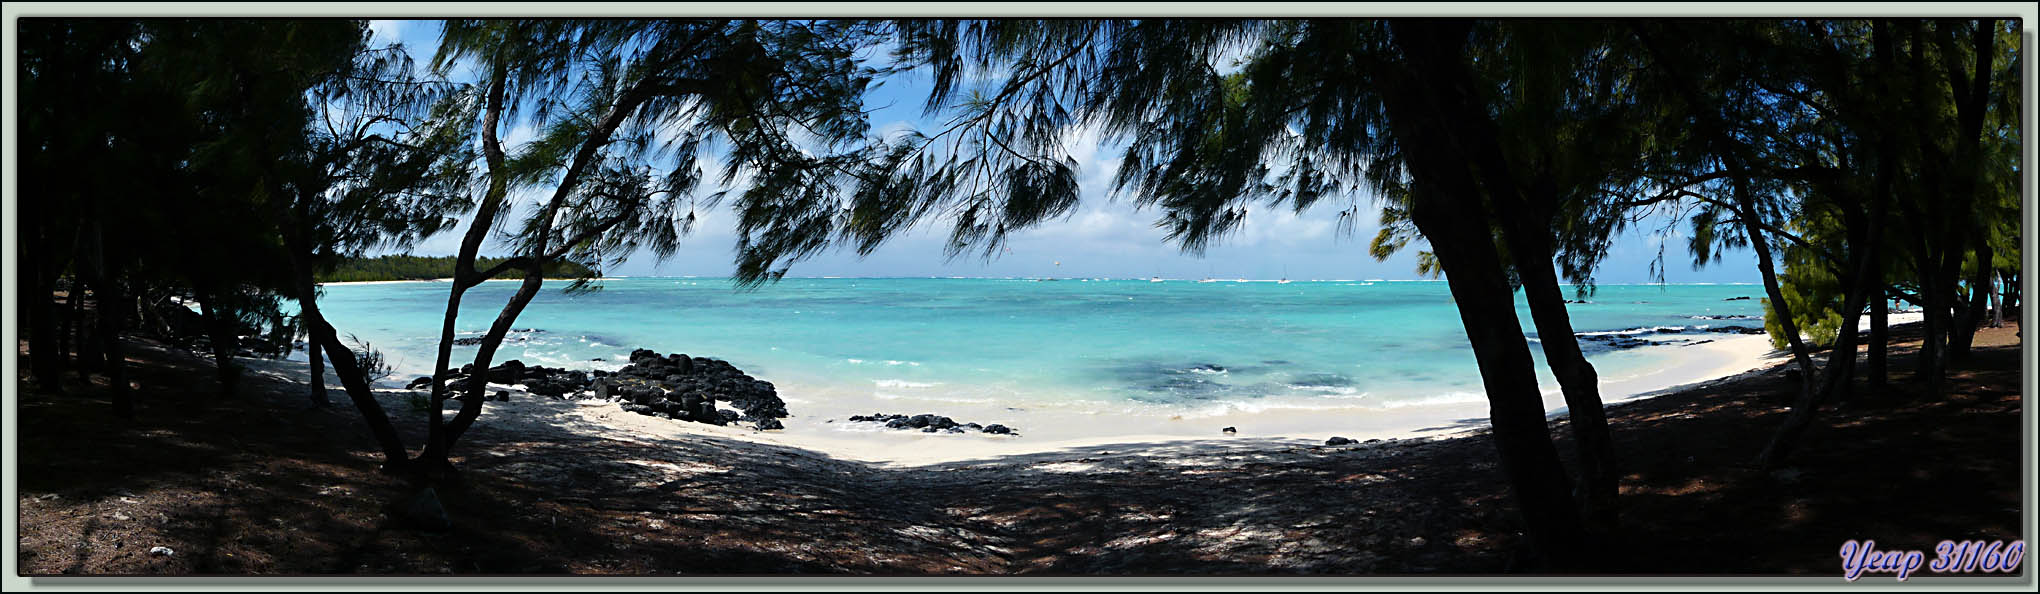 Images des îles Maurice et Rodrigues (2011) - (page 29) - Images ...